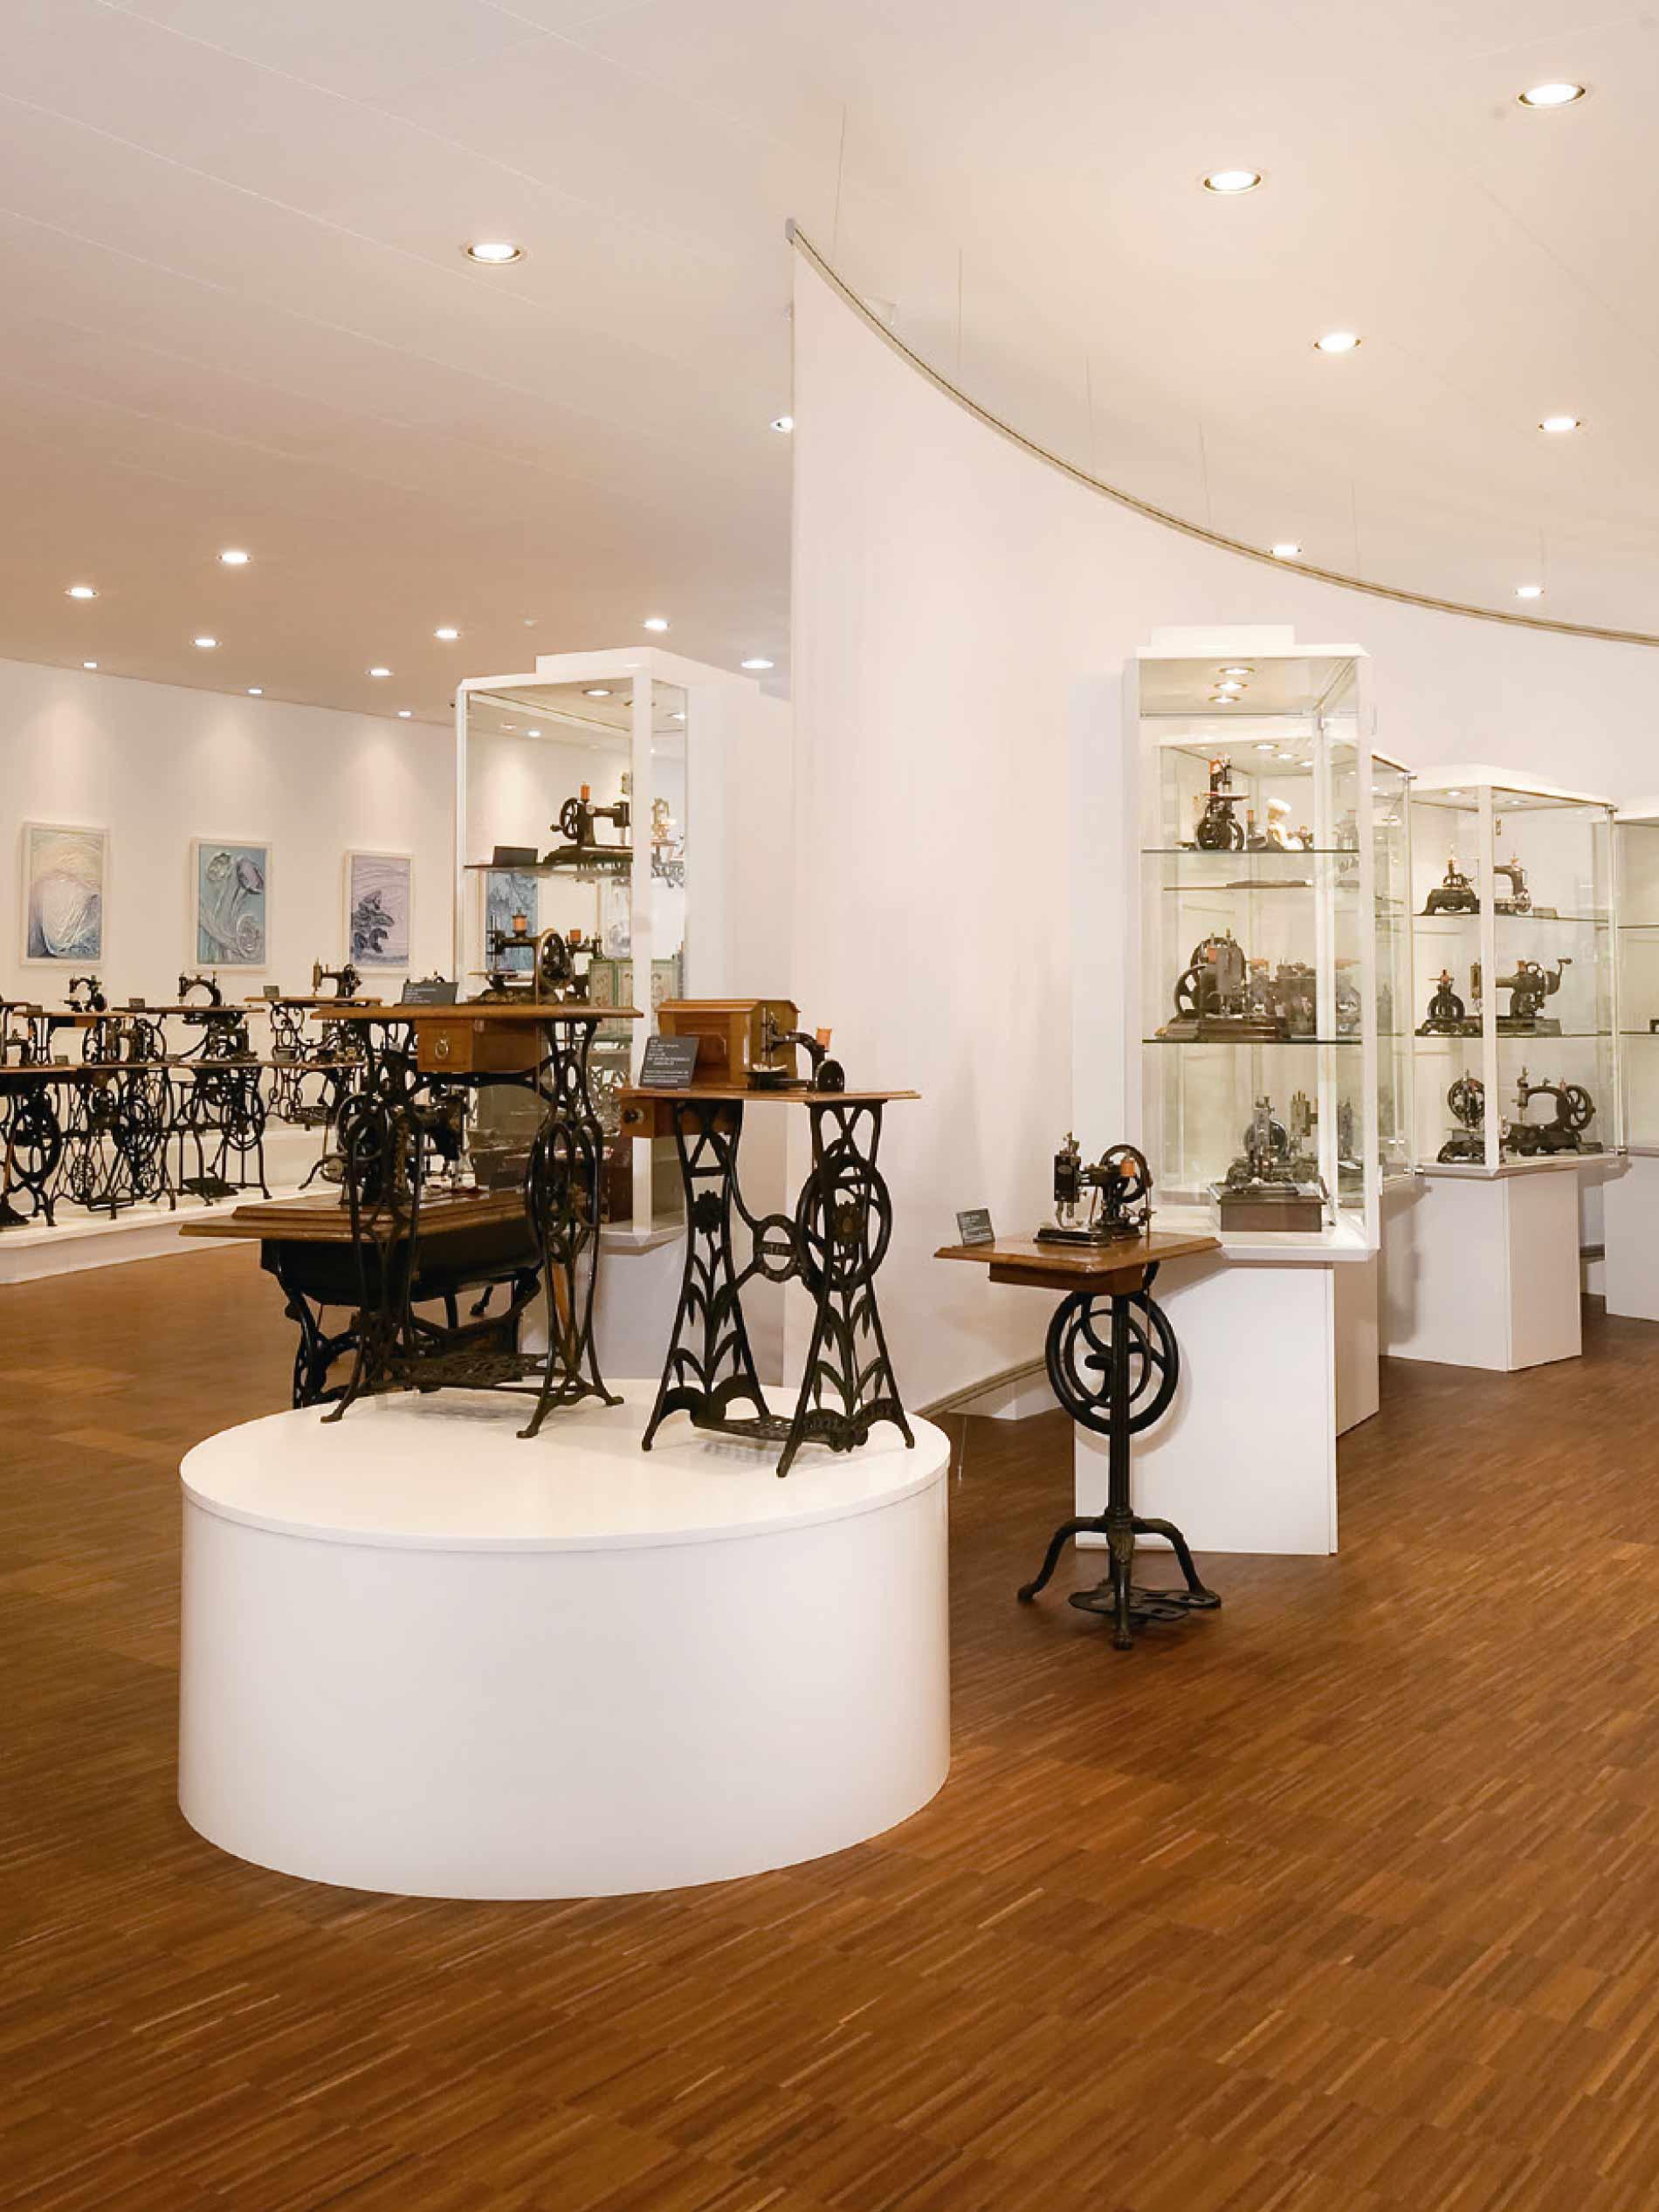 Einblick in das Nähmaschinenmuseum mit kleinen Standnähmaschinen auf einem Podest und Vitrinen im Hintergrund   mey®